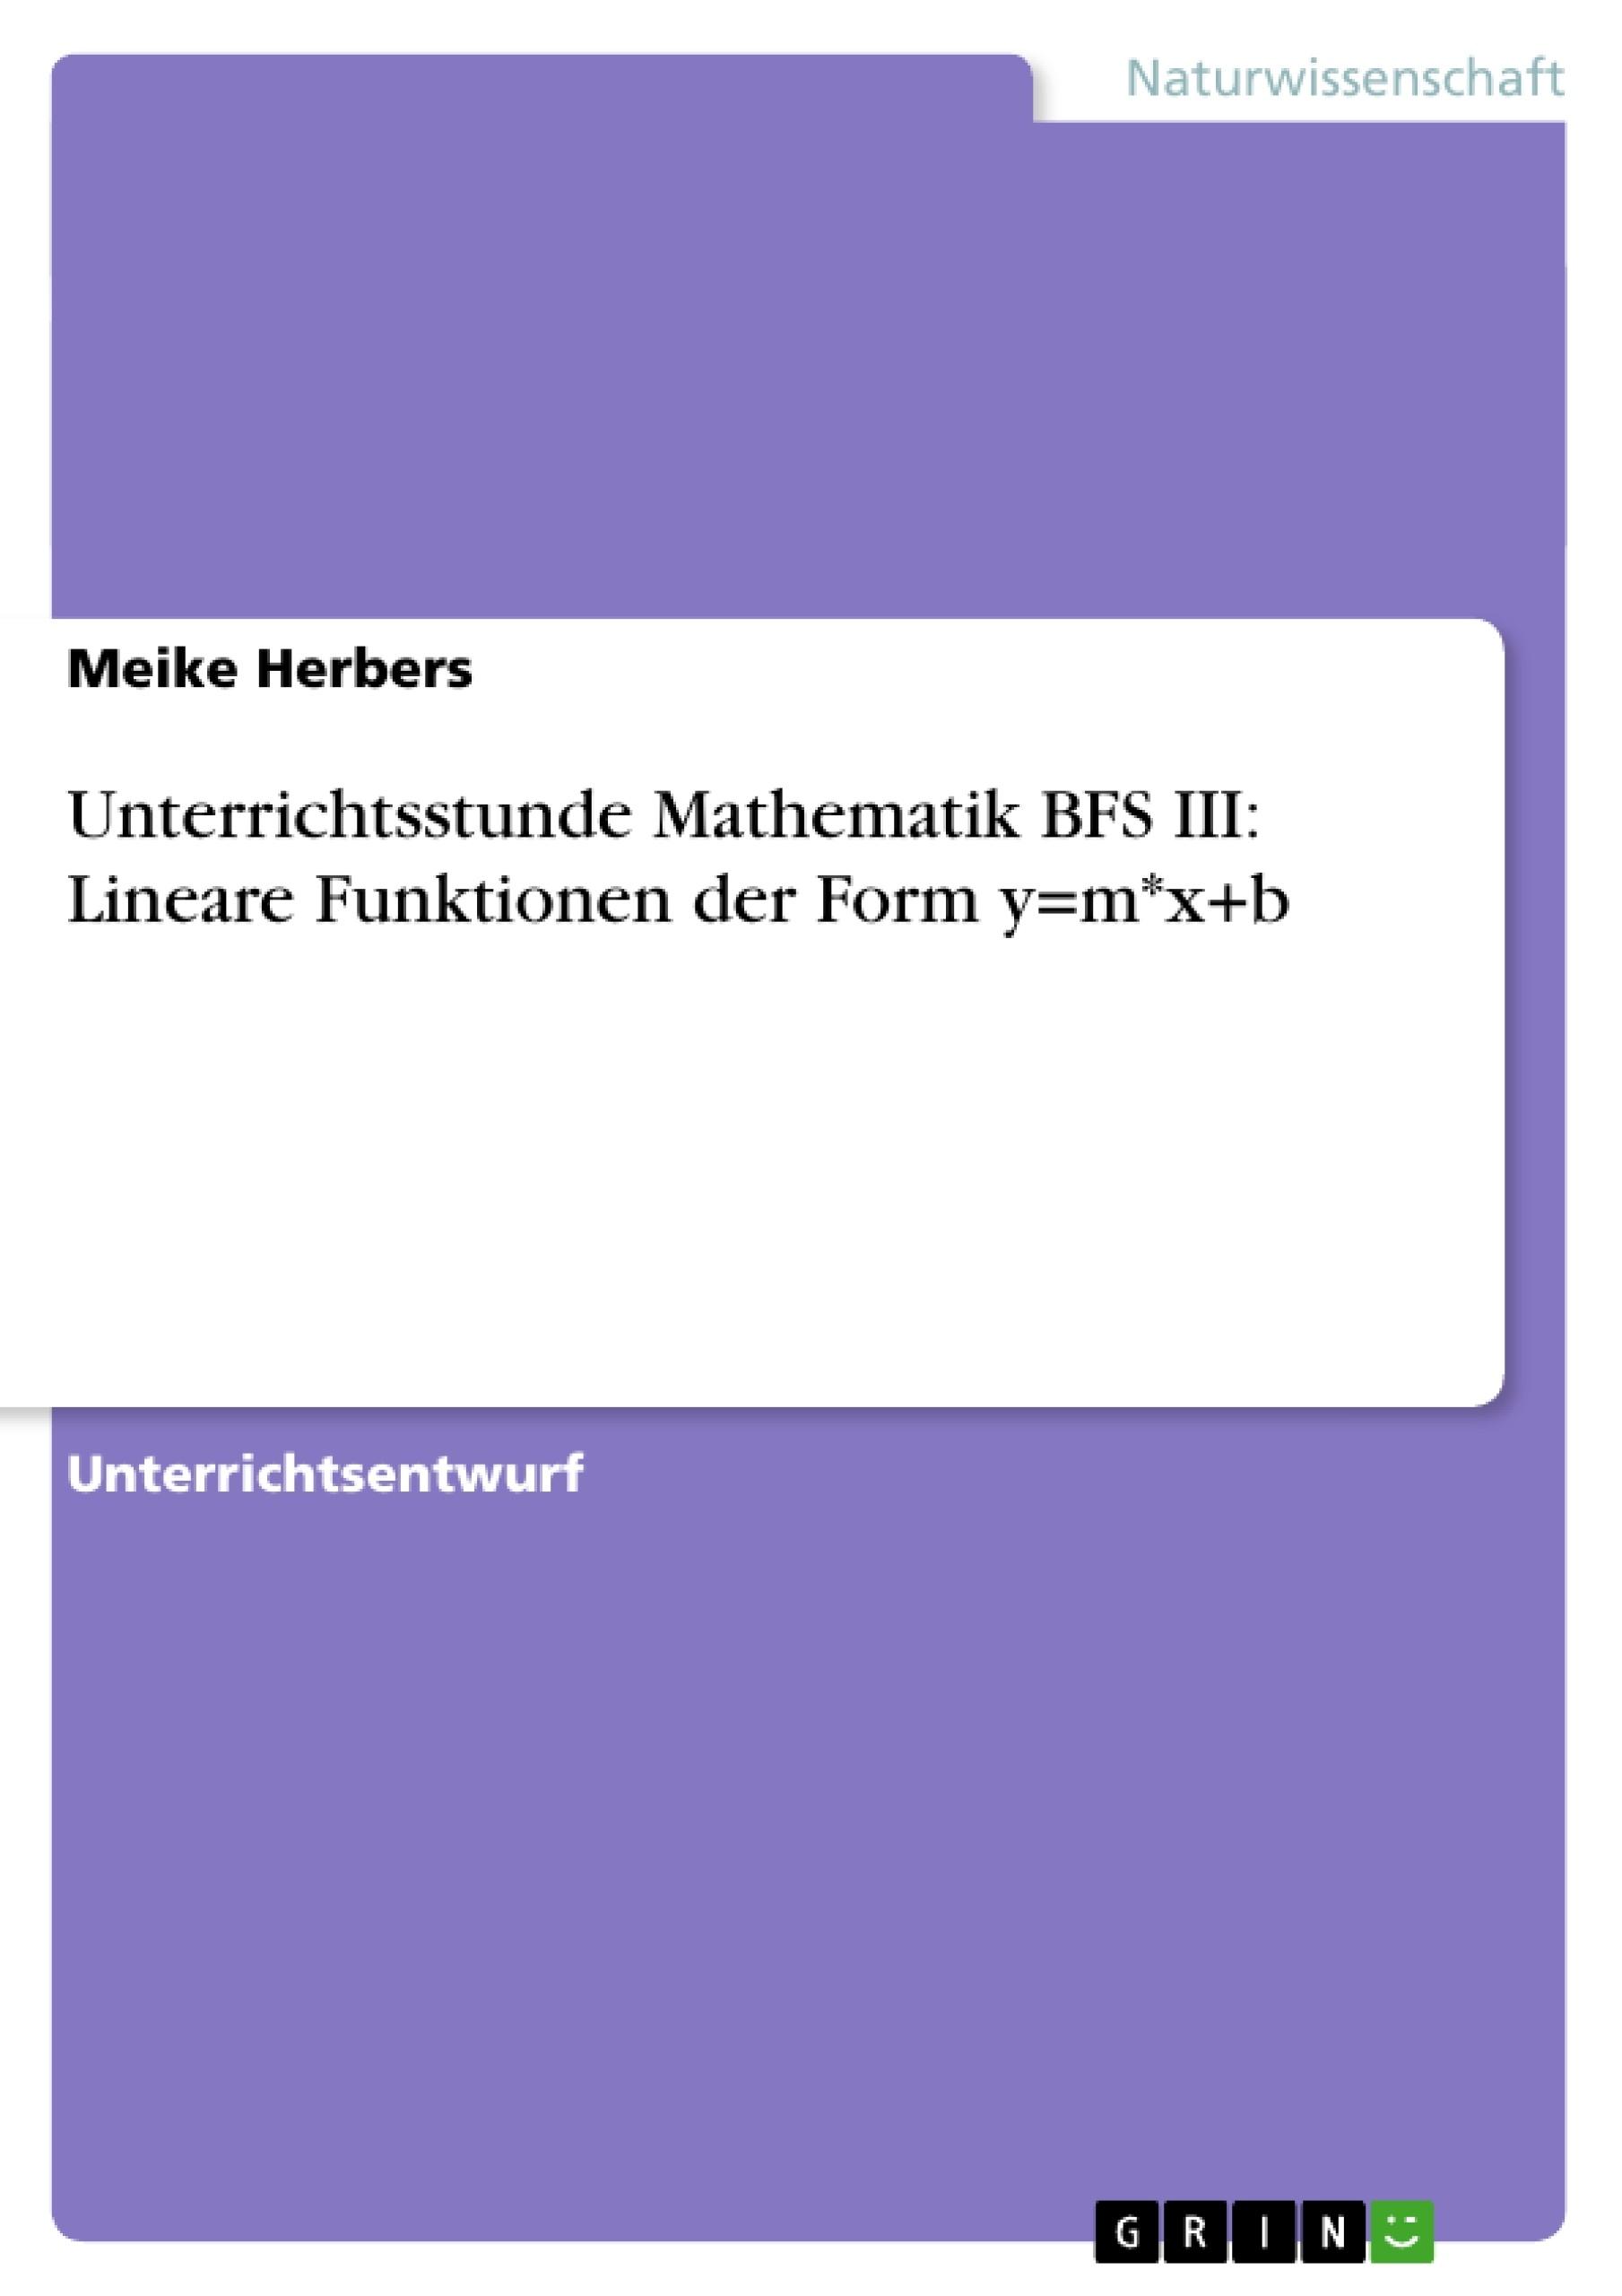 Unterrichtsstunde Mathematik BFS III: Lineare Funktionen der Form ...